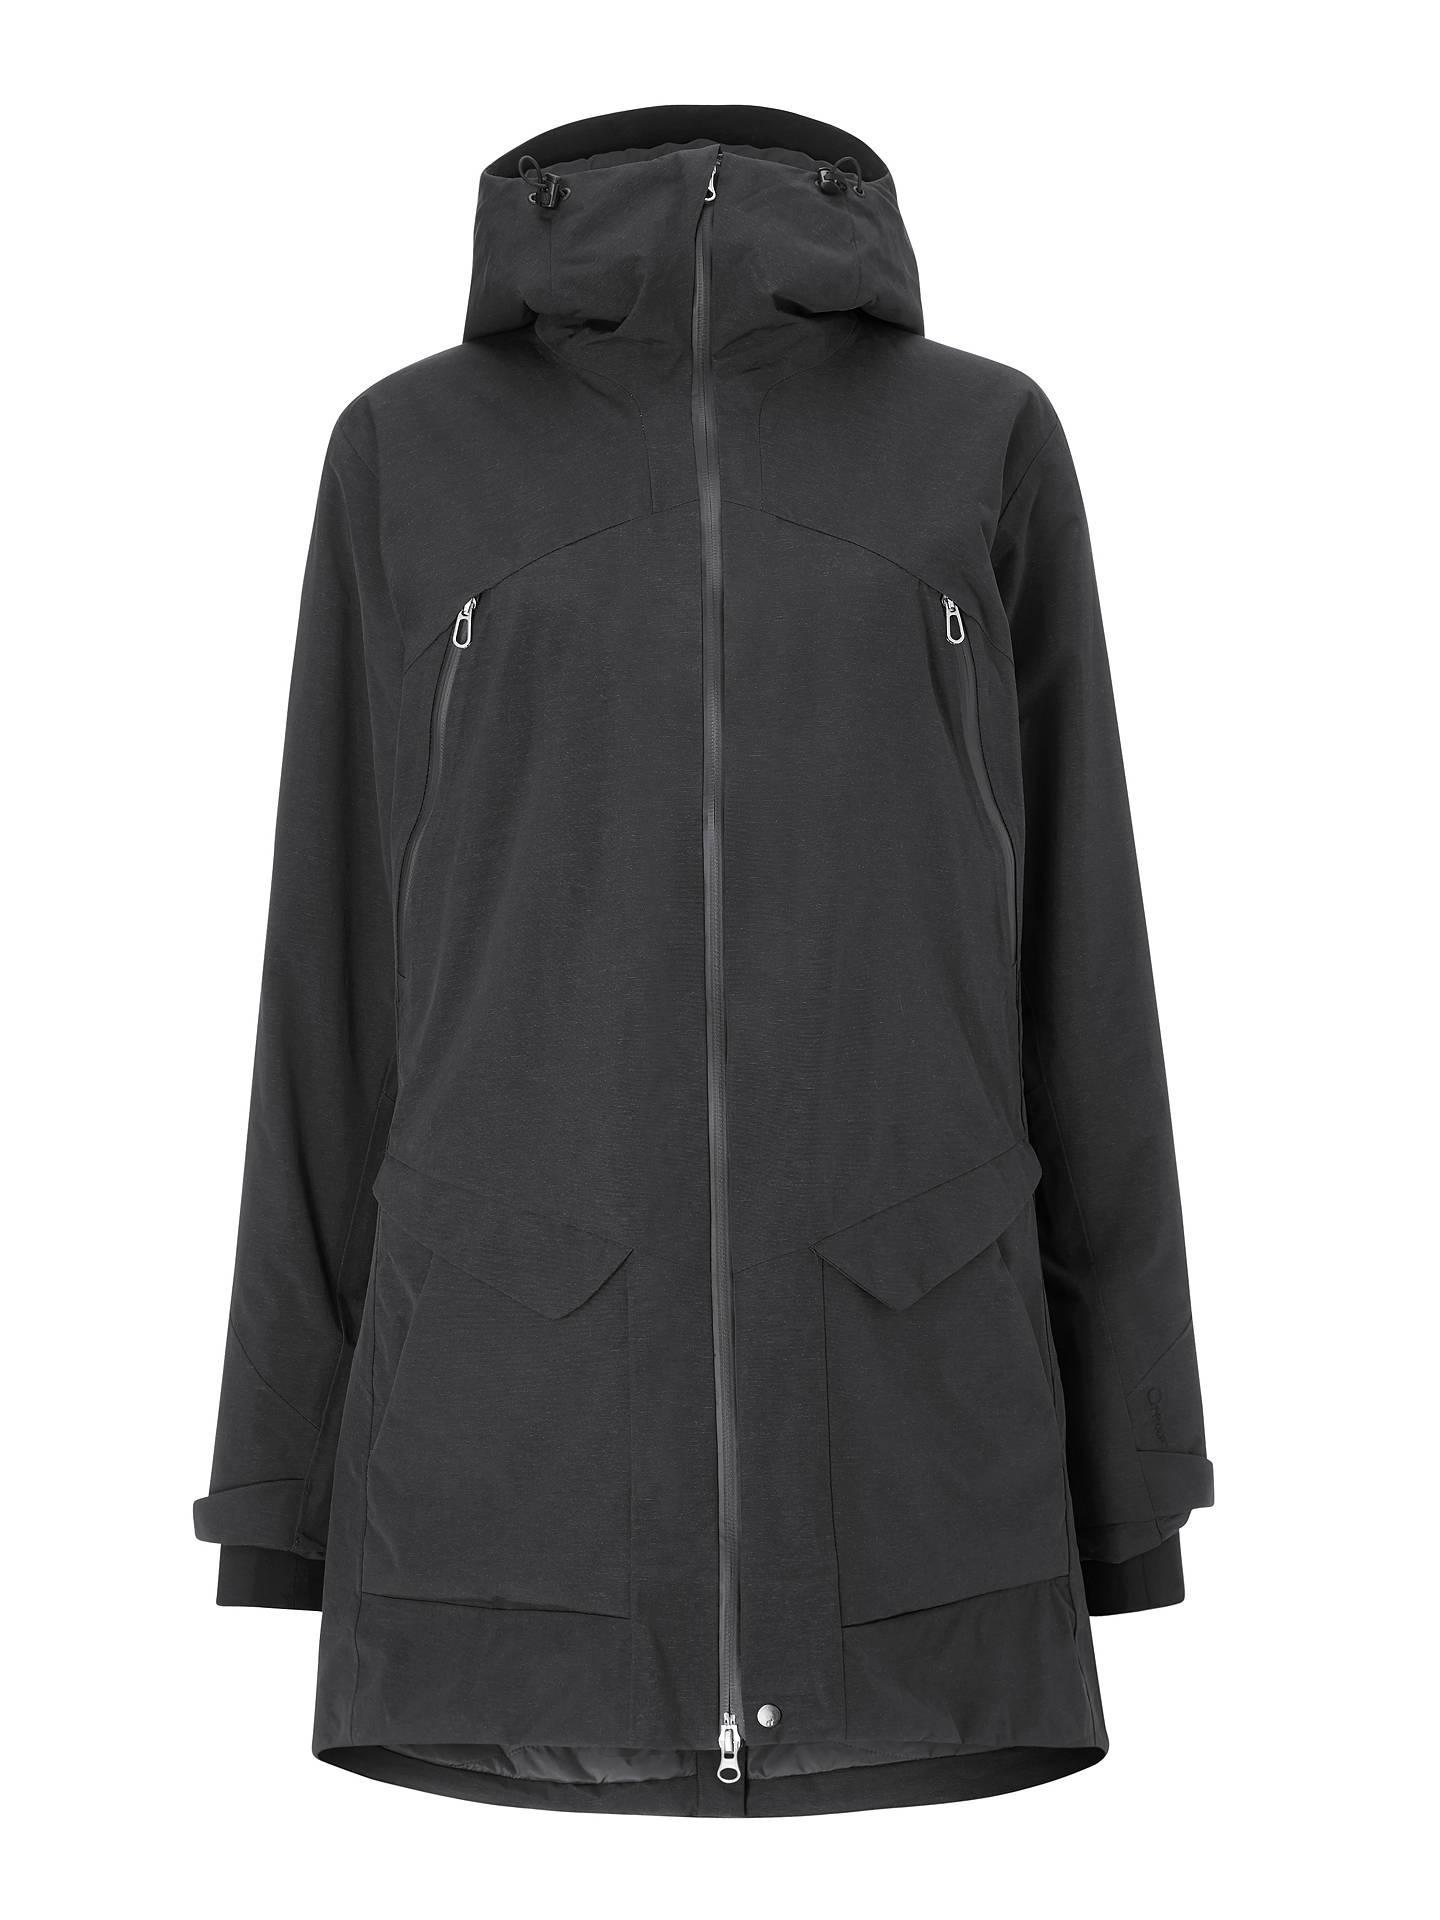 ... BuyHaglöfs Torsång Women s Waterproof Parka Jacket 205a0fe26f